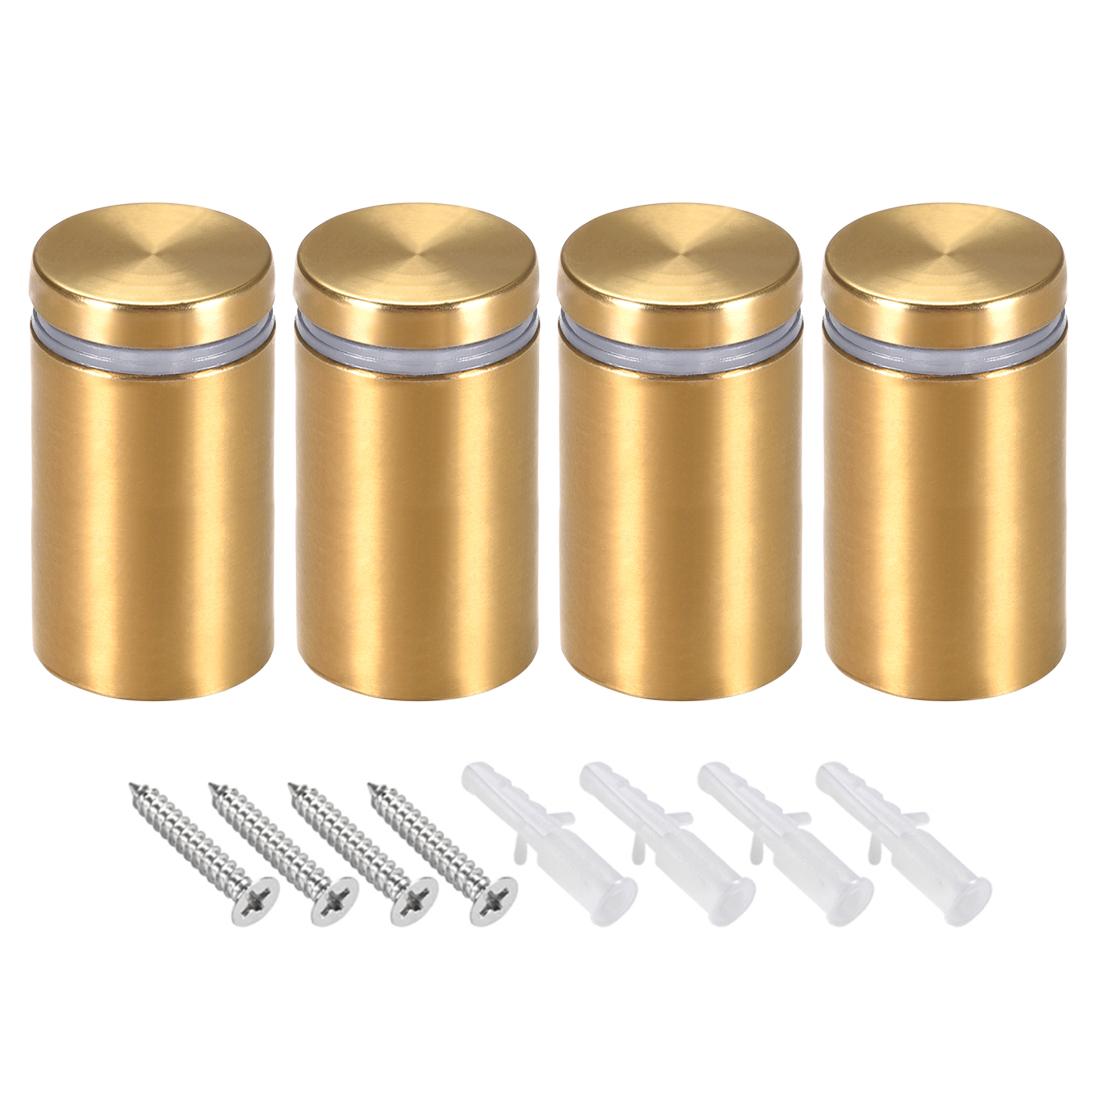 Glass Standoff Mount Wall Standoff Nails 30mm Dia 53mm Length Golden 4 Pcs